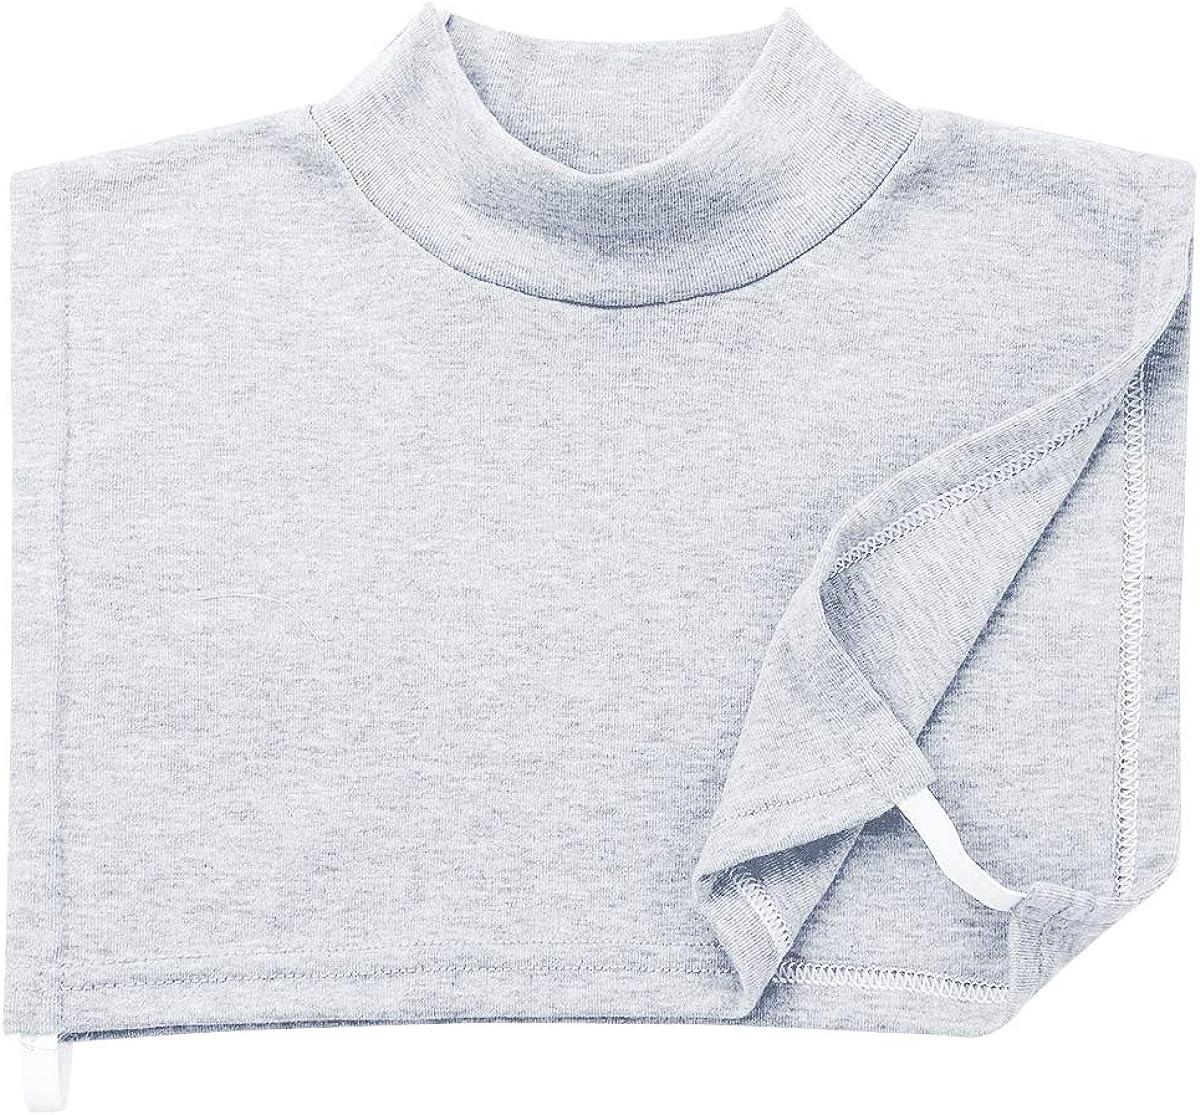 iixpin Modischer Damen Krageneinsatz Abnehmbare Blusenkragen Rollkragen Warm Einsatz Falsche Kragen aus Baumwolle Grau(typ A)